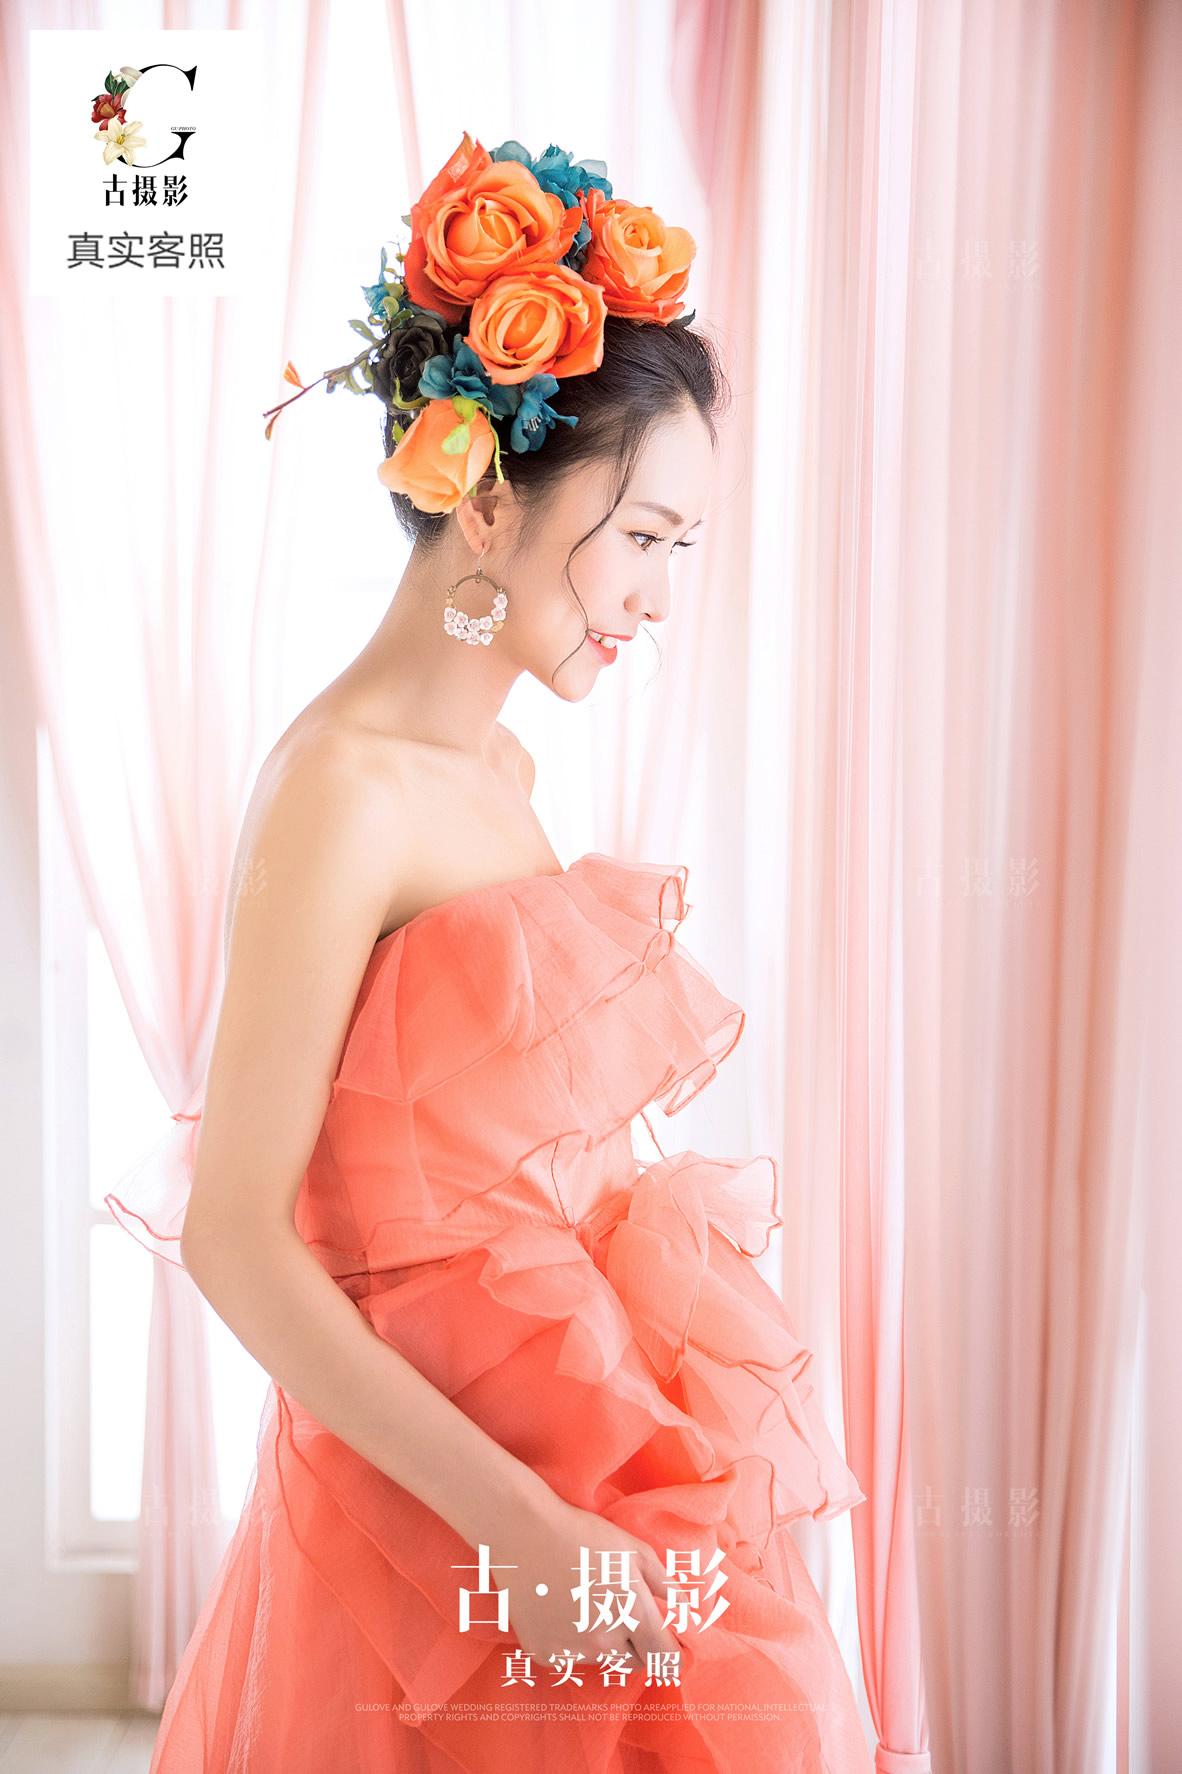 10月8日客片袁先生 陈小姐 - 每日客照 - love昆明古摄影-昆明婚纱摄影网